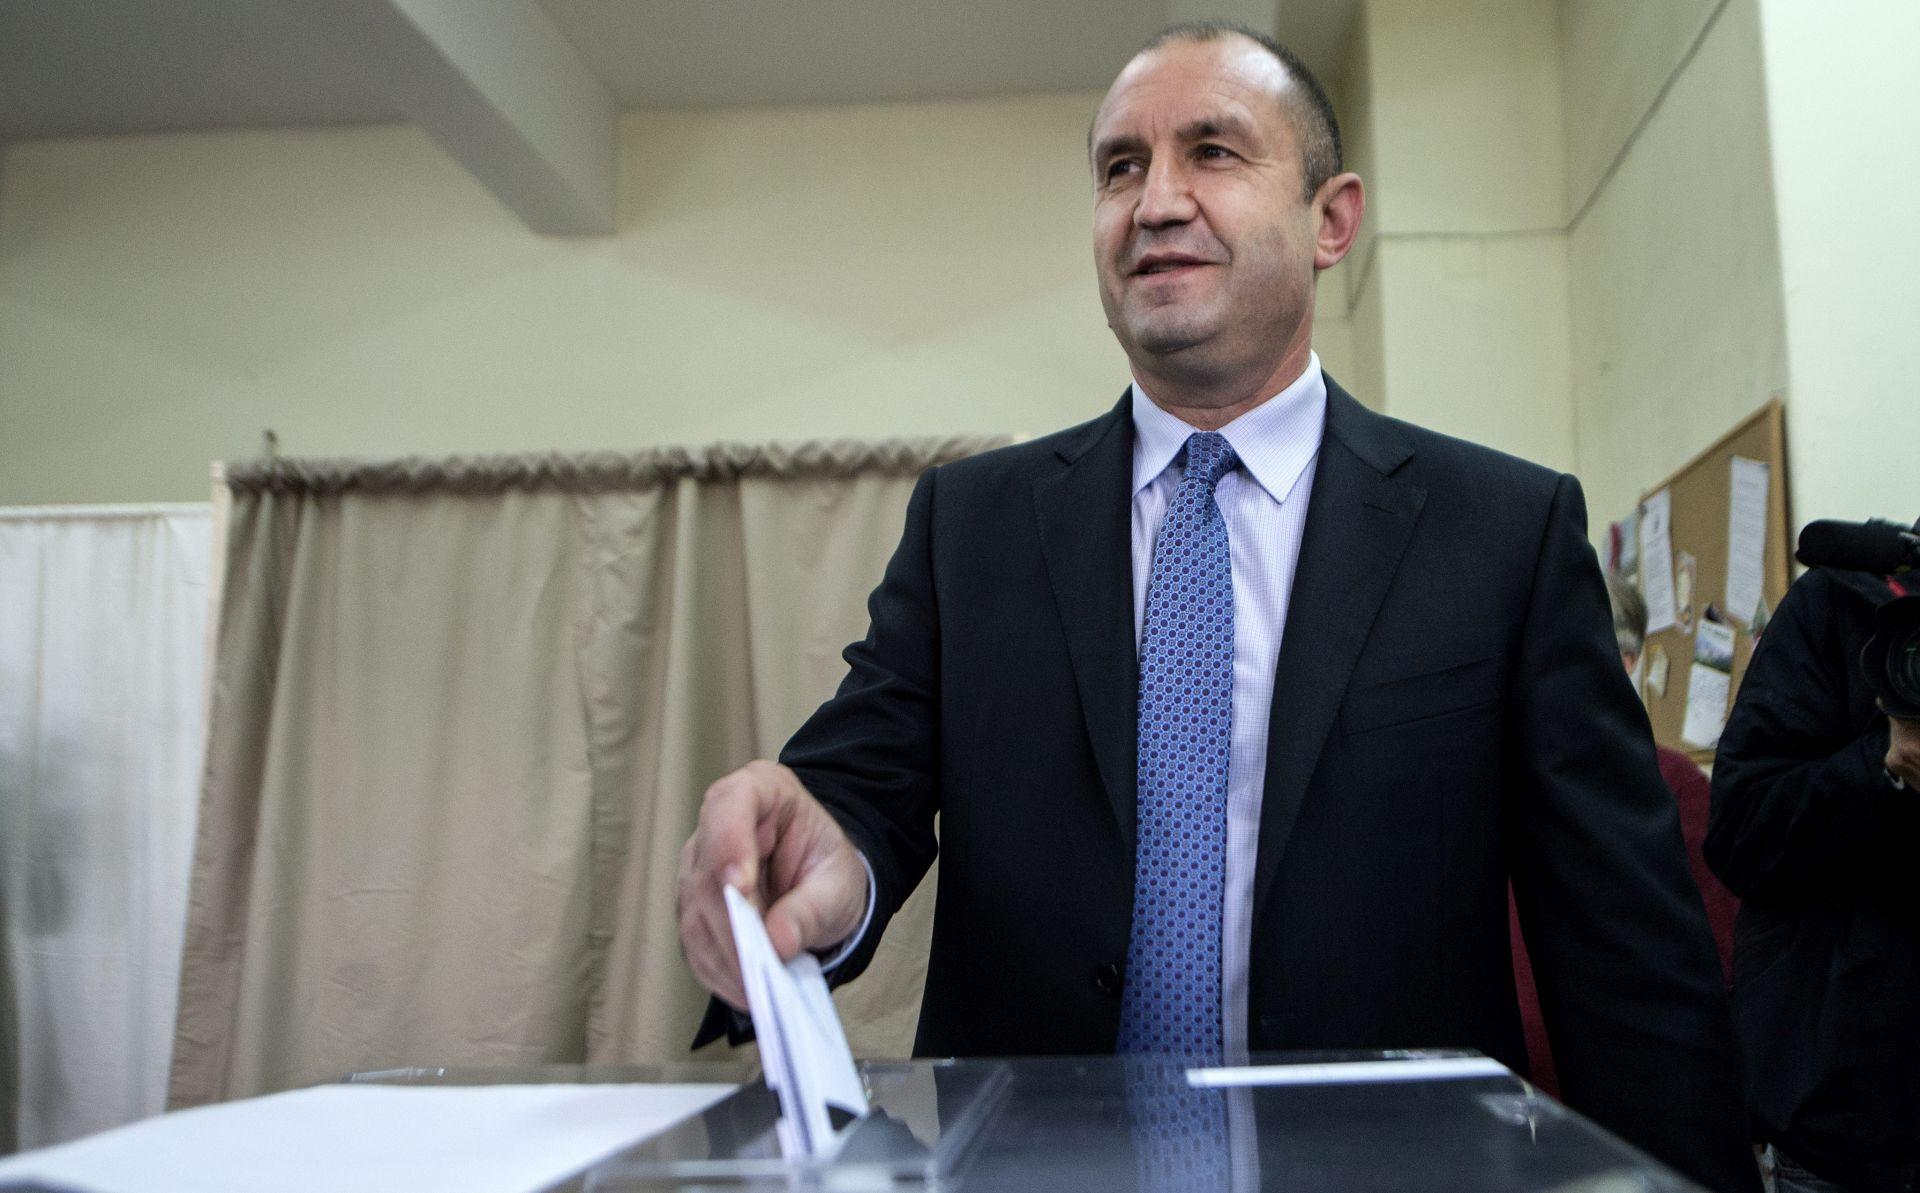 IZLAZNE ANKETE Kandidat socijalista Radev vodi na bugarskim predsjedničkim izborima